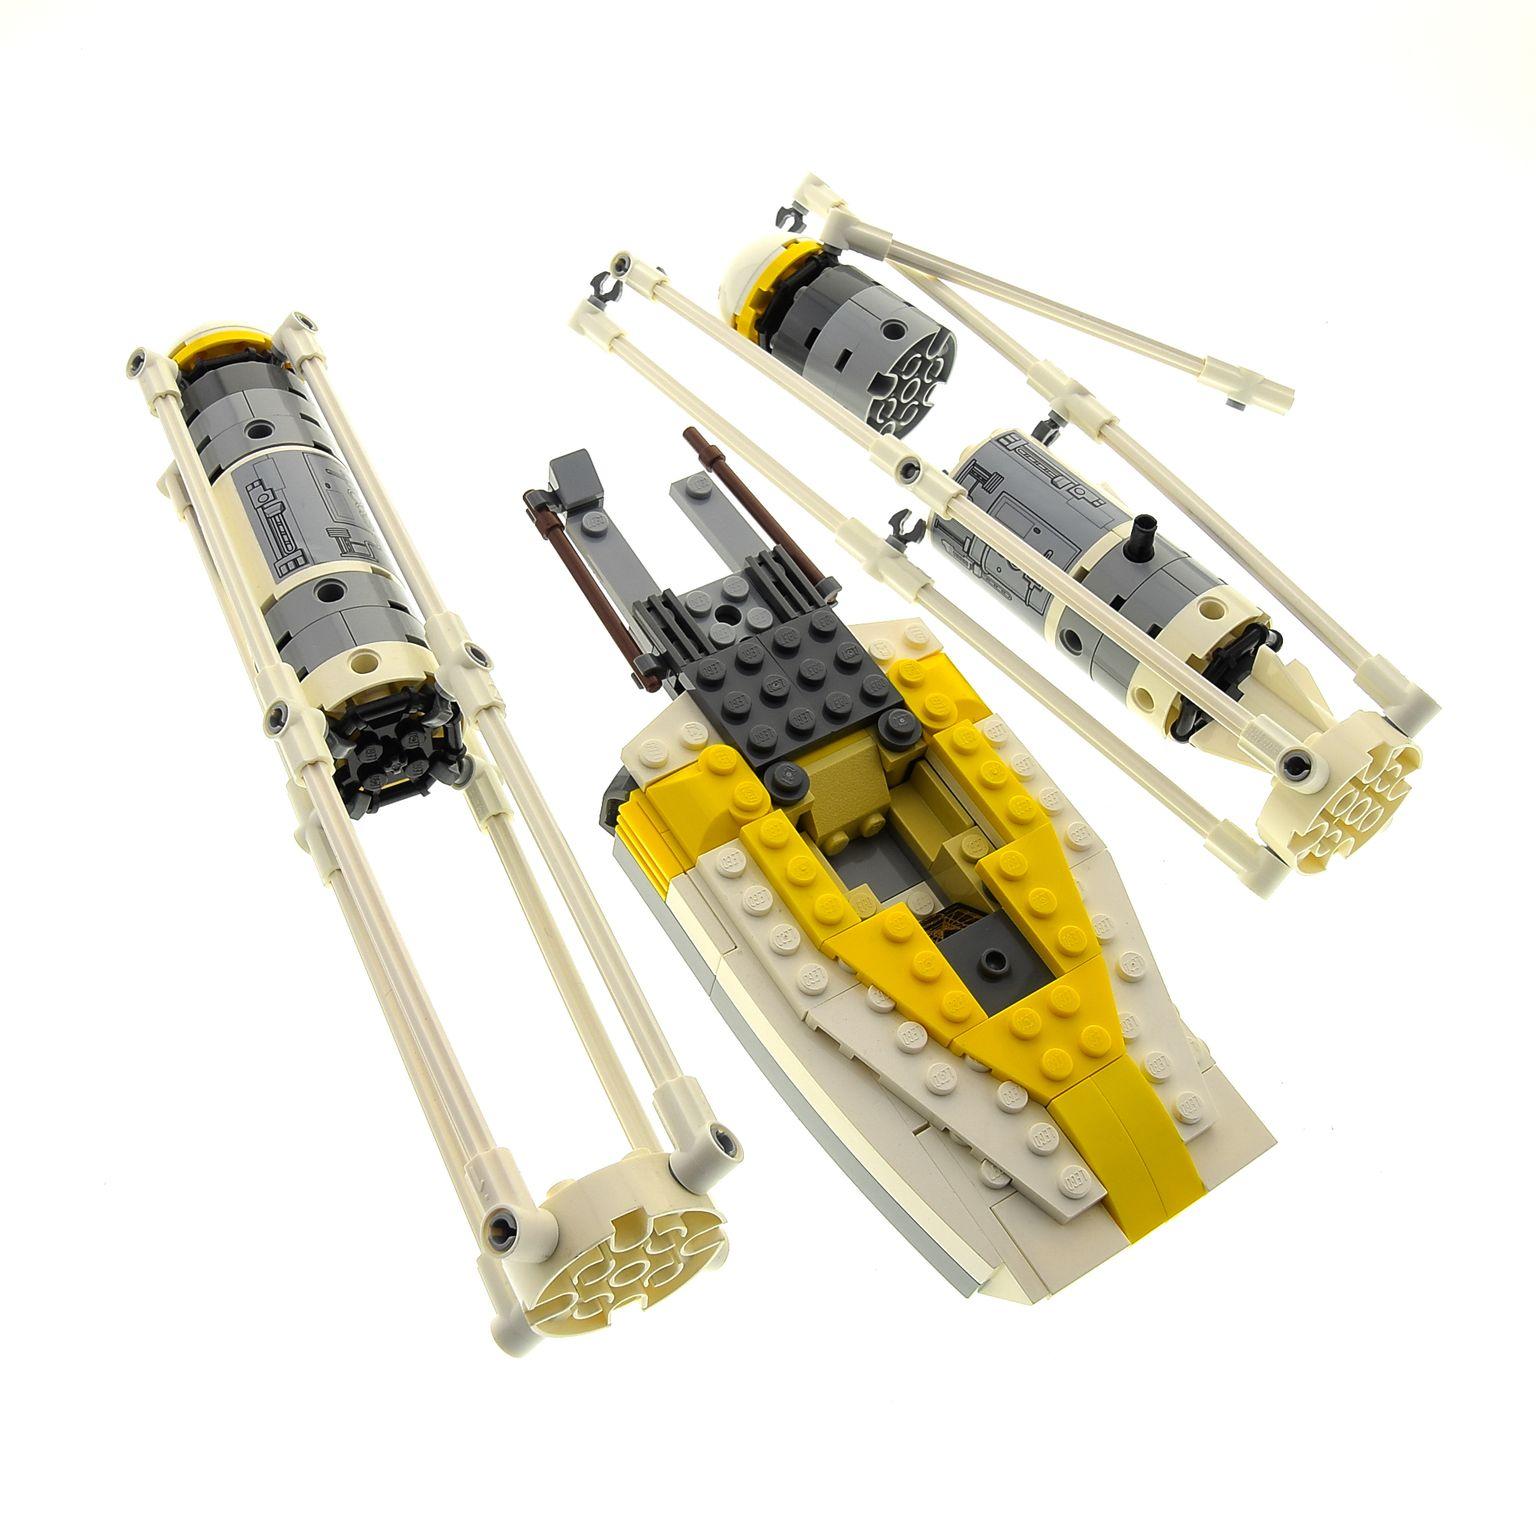 günstig kaufen LEGO StarWars Y-wing Fighter 7658